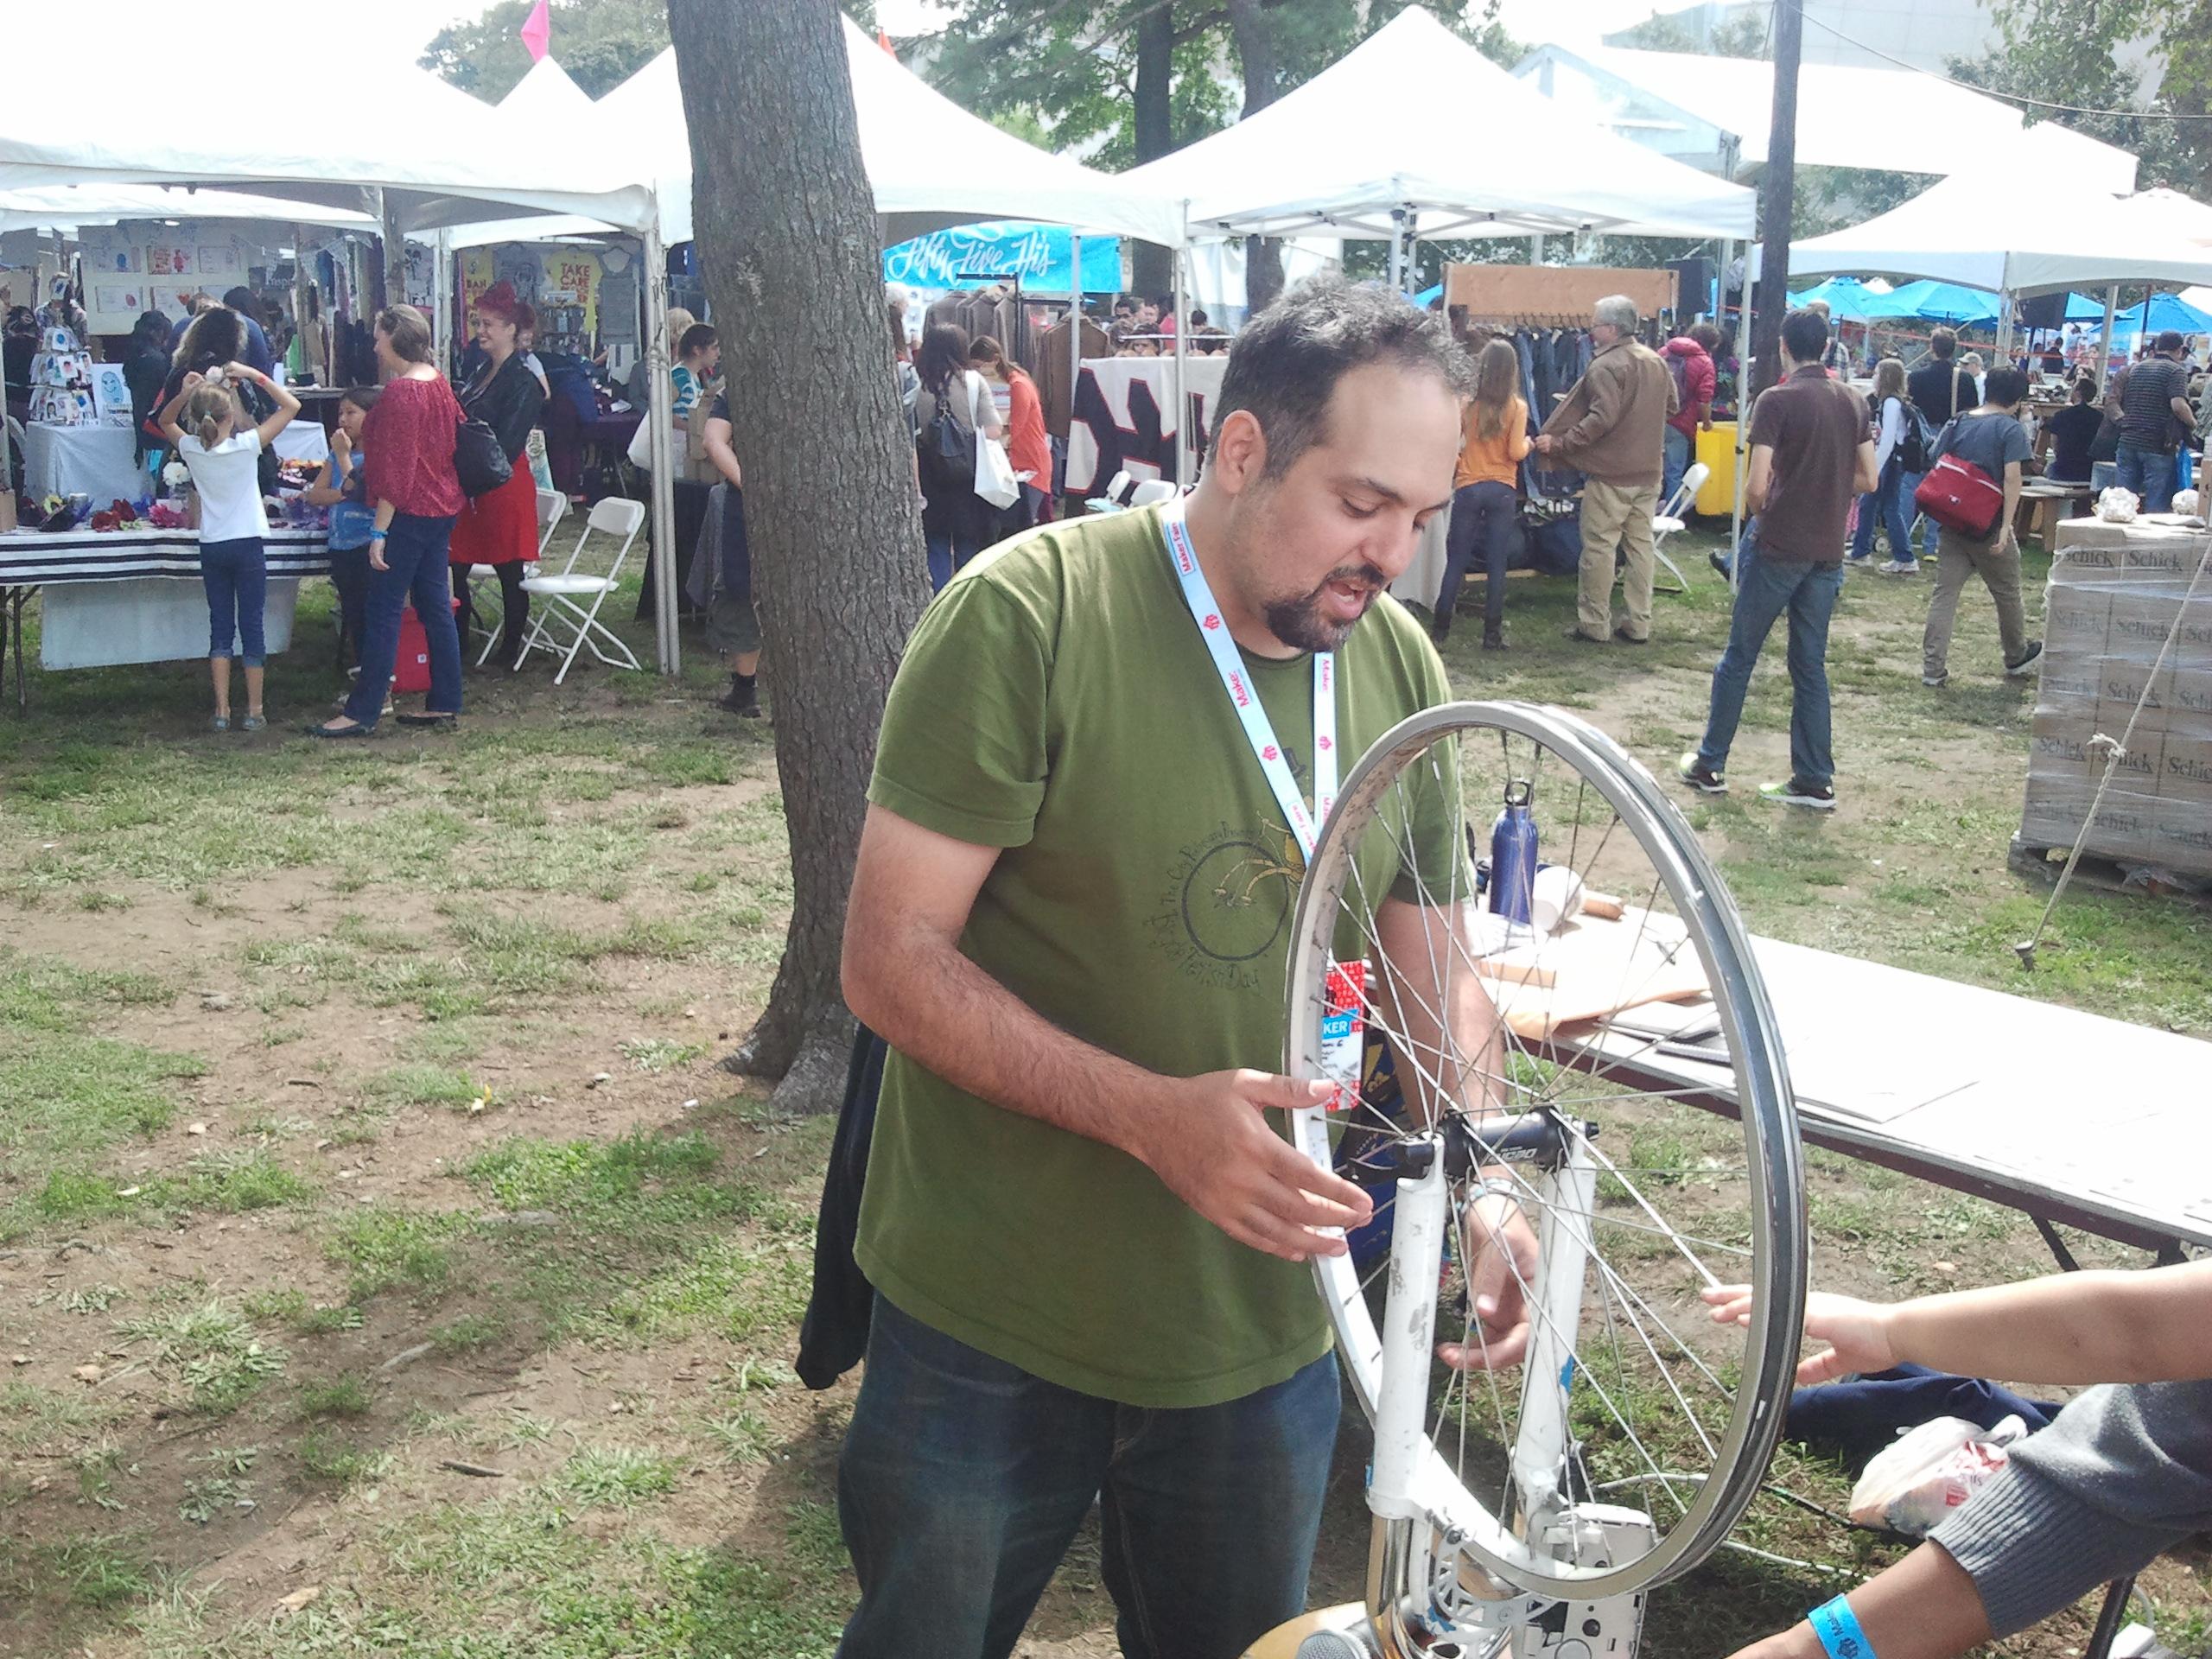 Maker Faire New York: Adam Matta, Human Beatbox